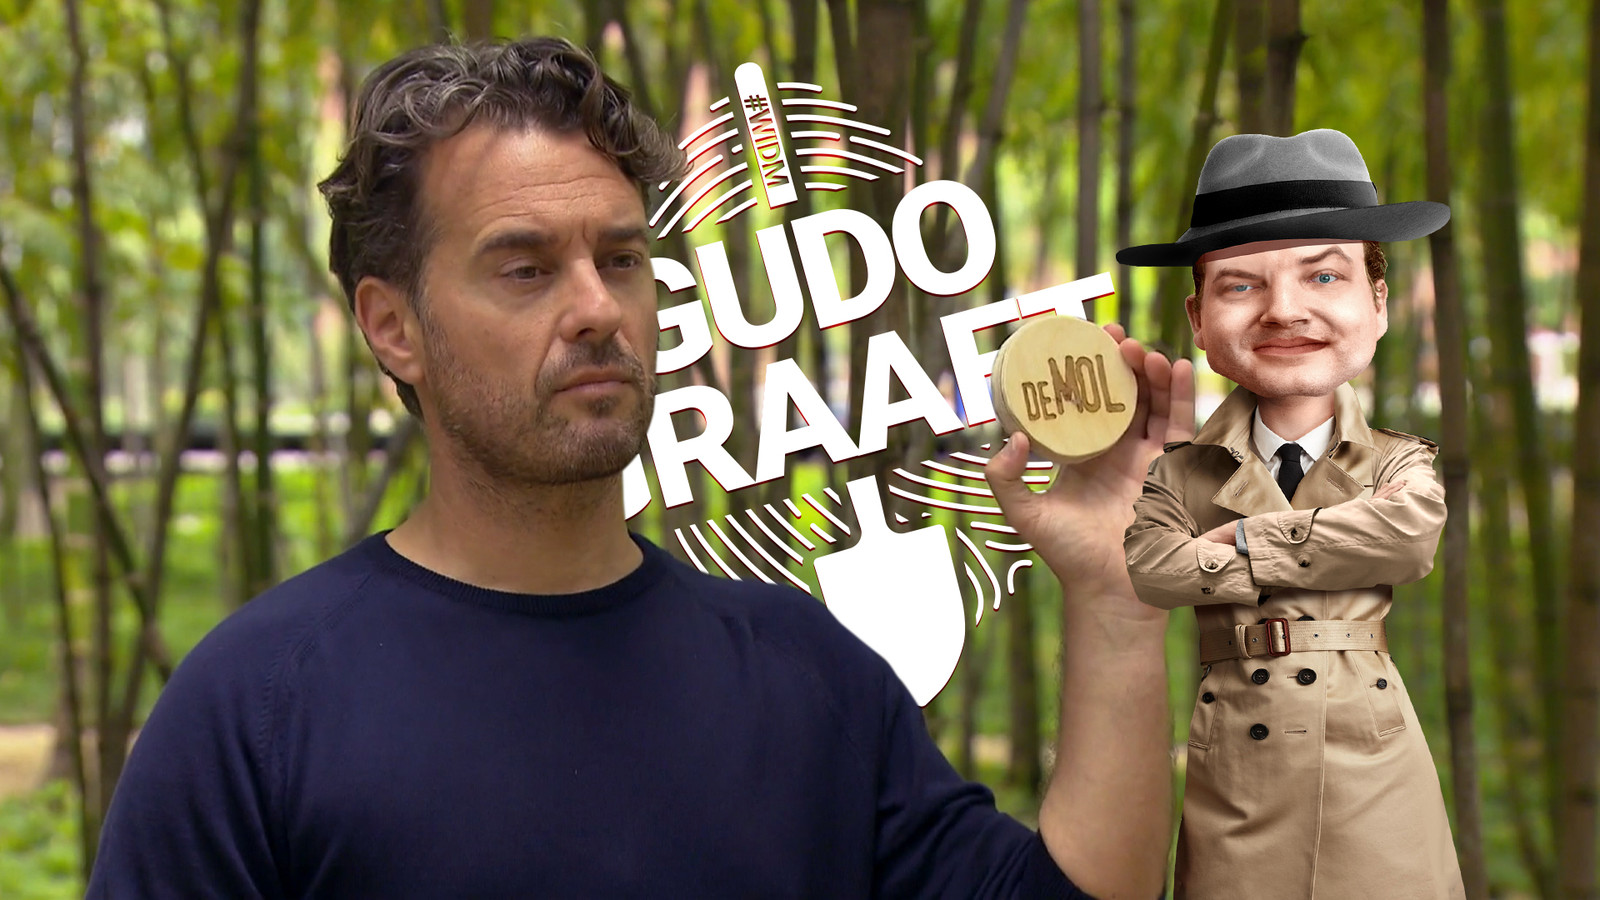 Gudo concentreert zich in zijn wekelijkse video toch vooral op de identiteit van de Mol.